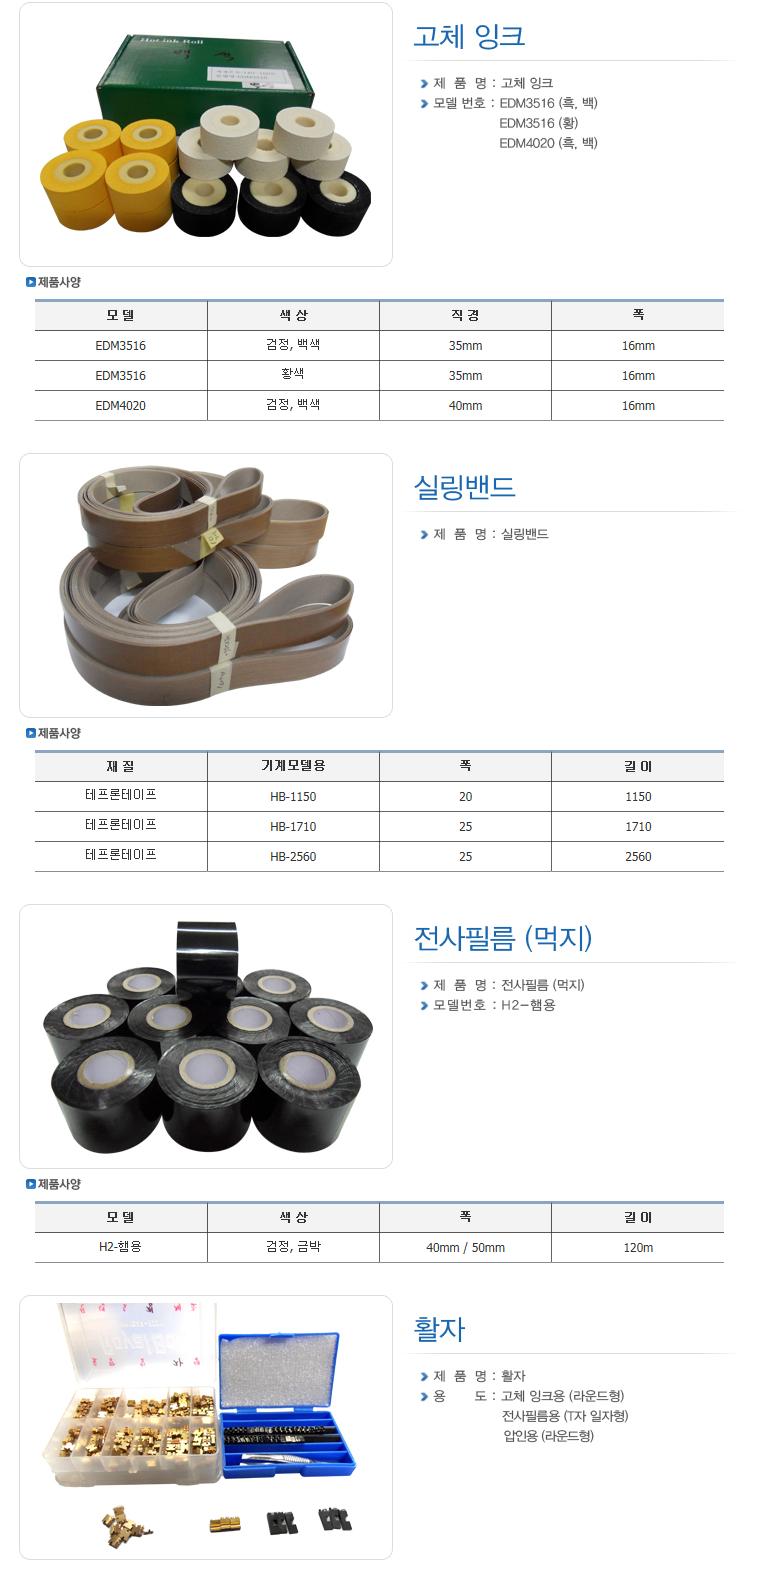 한샘테크 소모품 (고체잉크, 실링밴드, 활자)  1